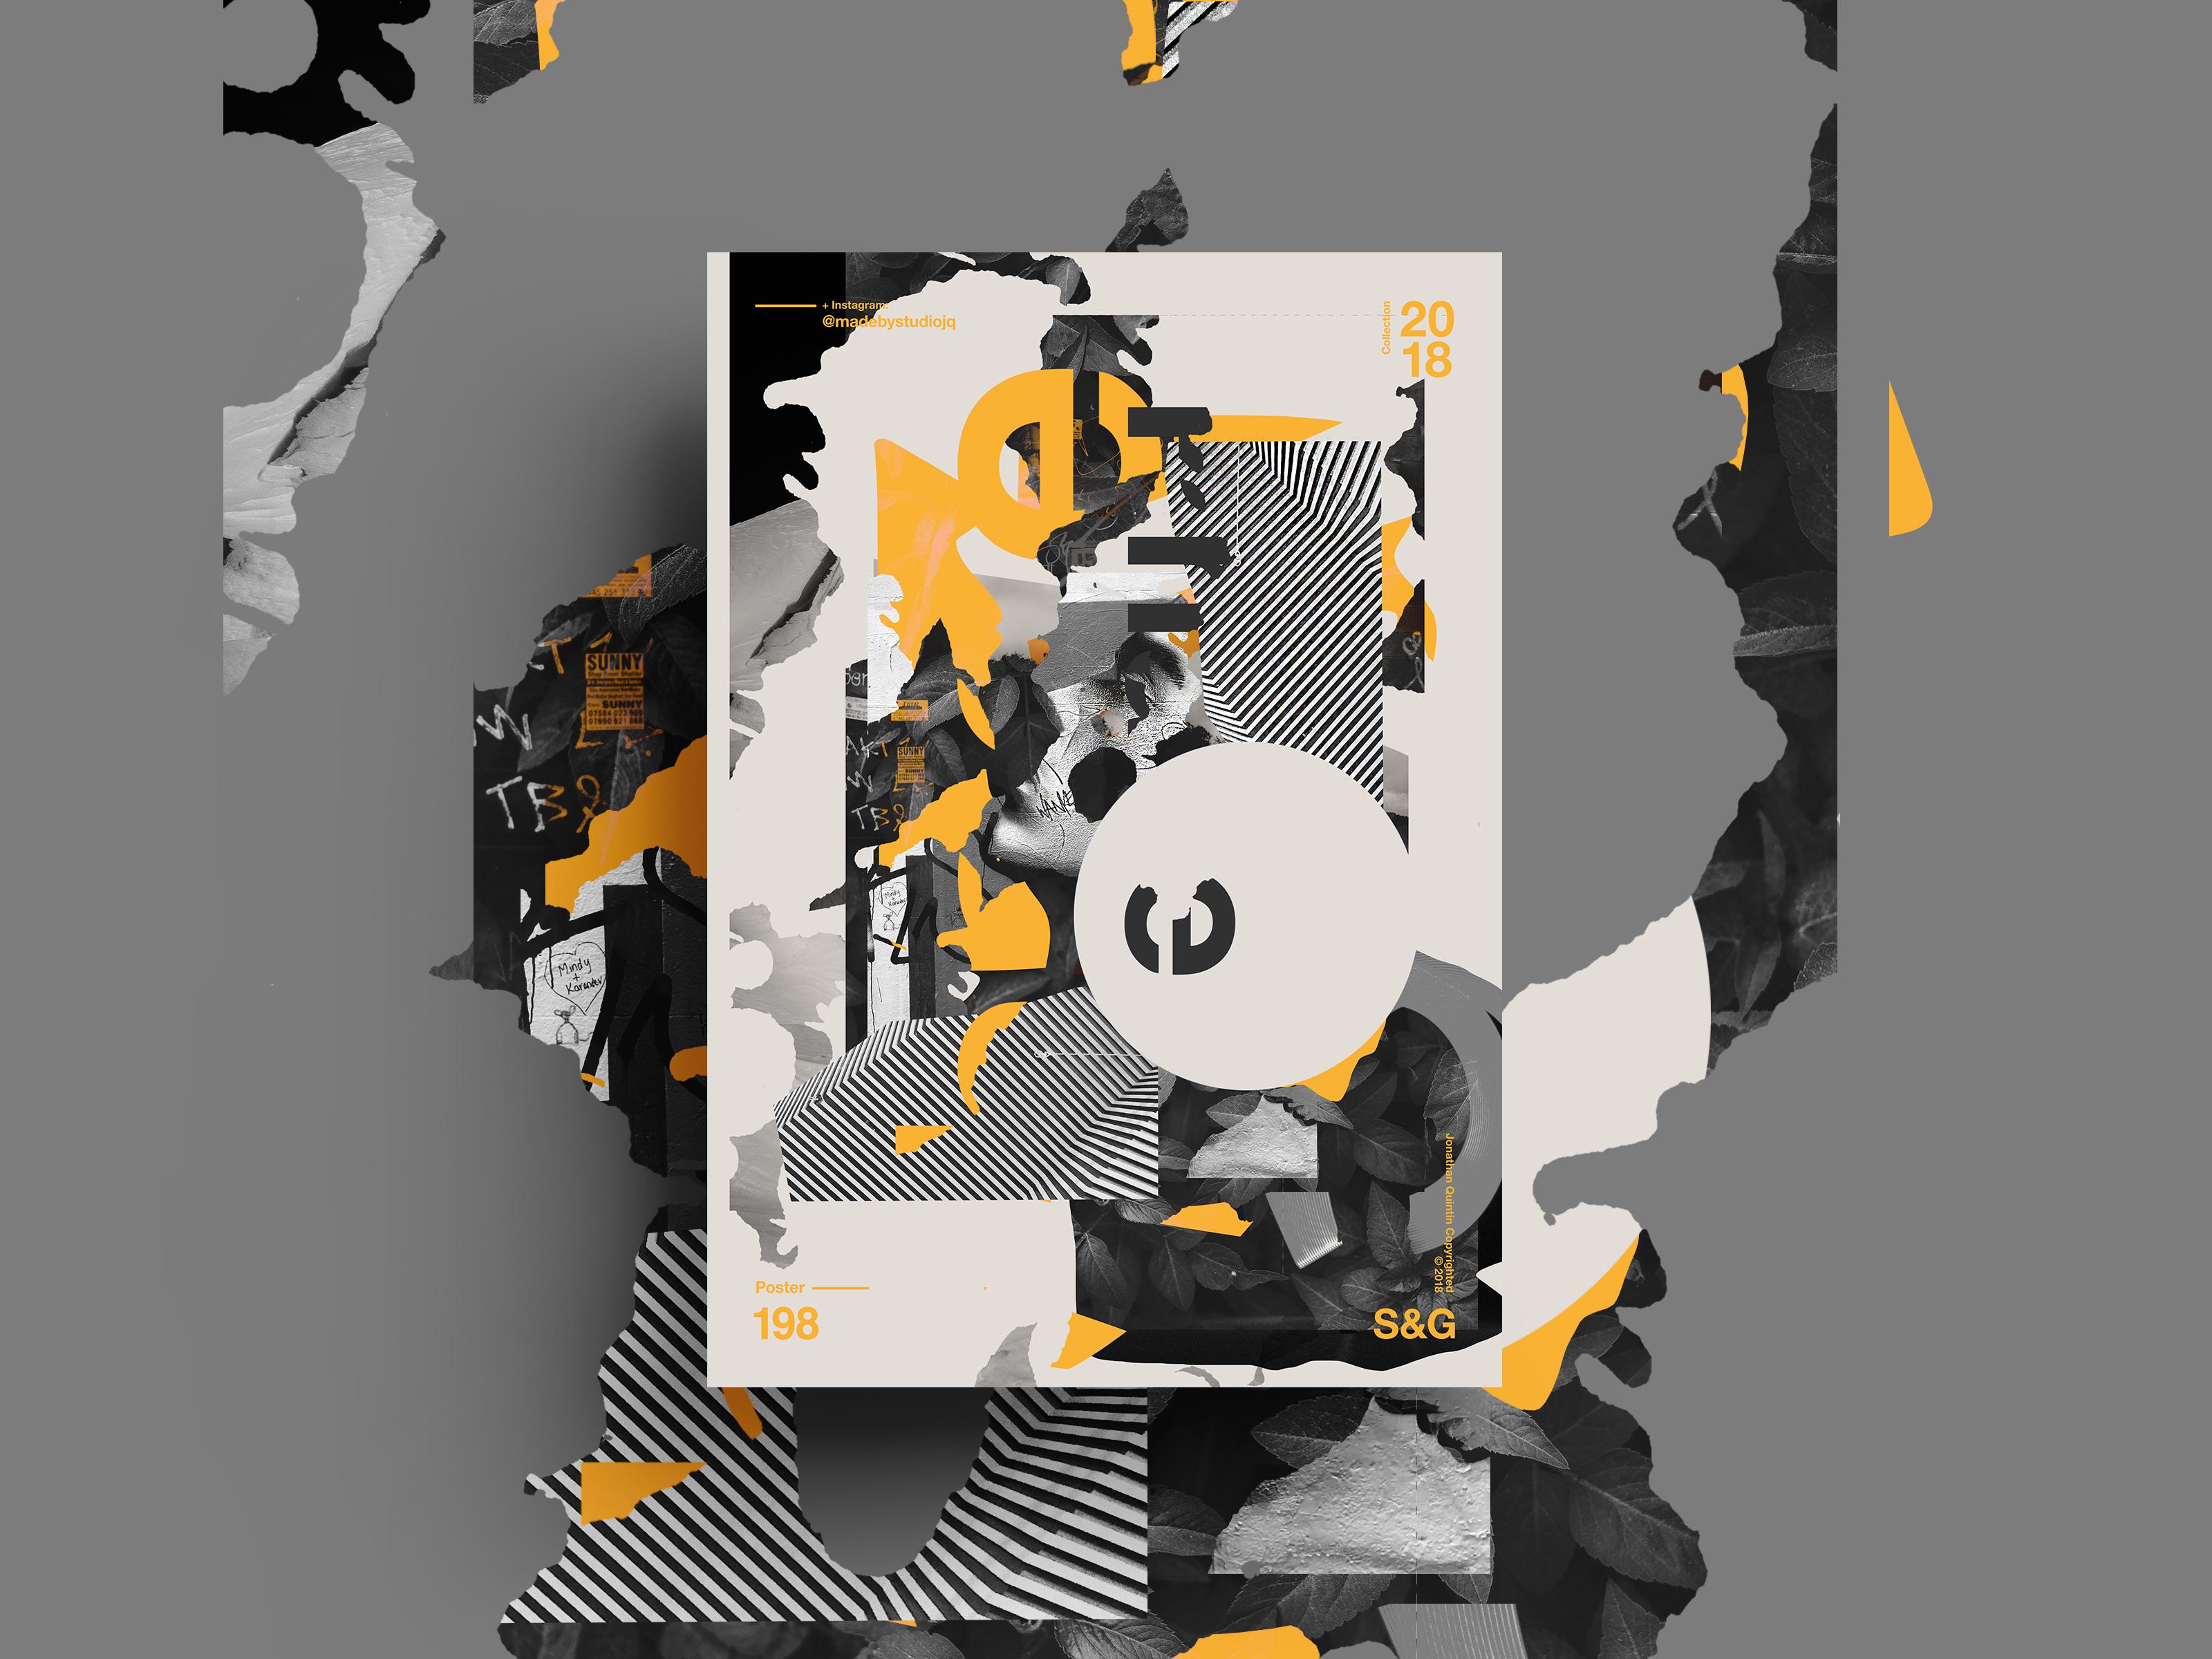 Studiojq2018 show go 198